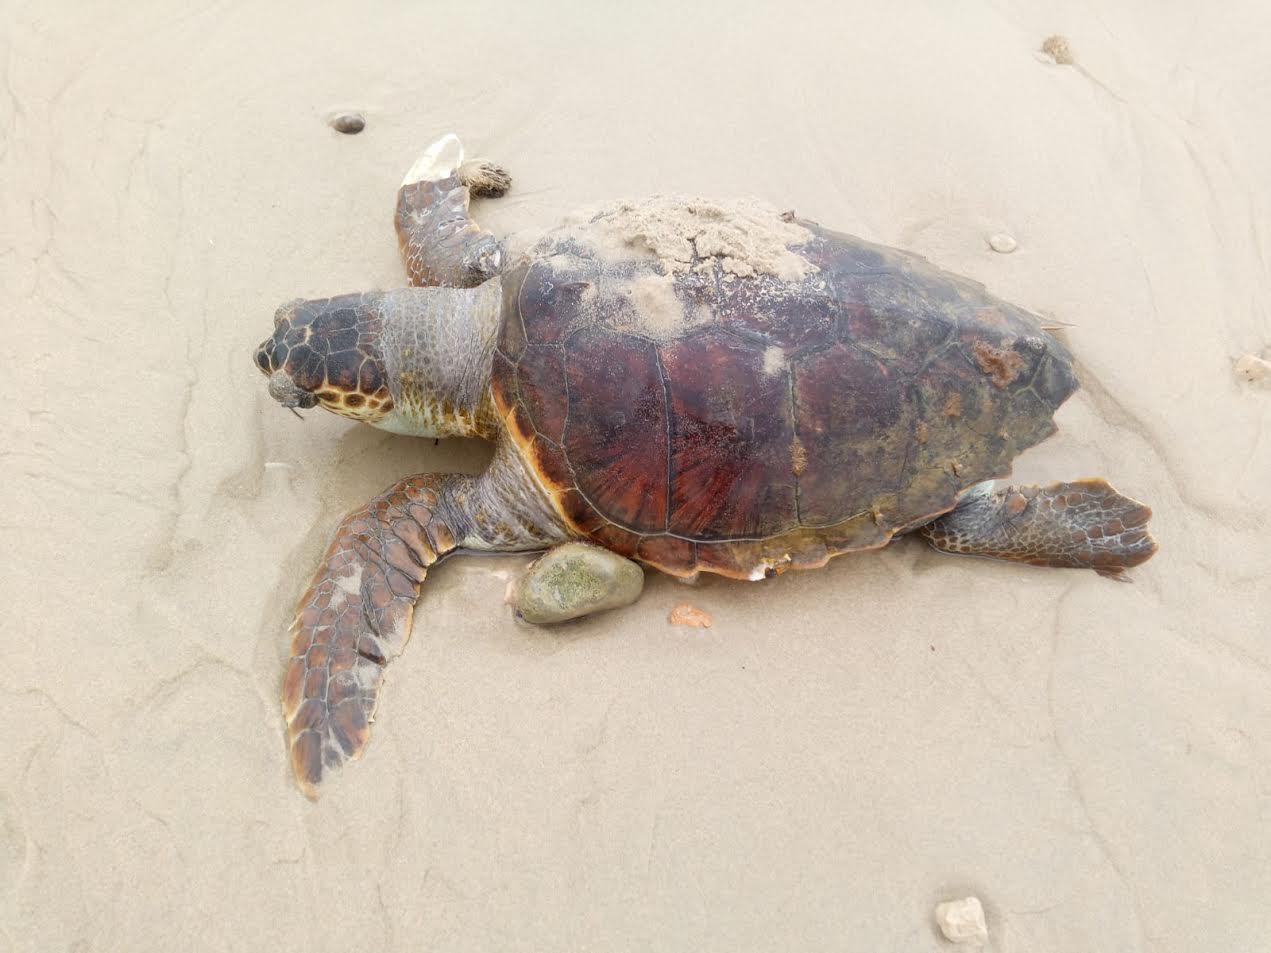 La tortuga boba es un quelonio presente en el Mediterráneo, catalogada como amenazada. Imagen: Ecologistas en Acción